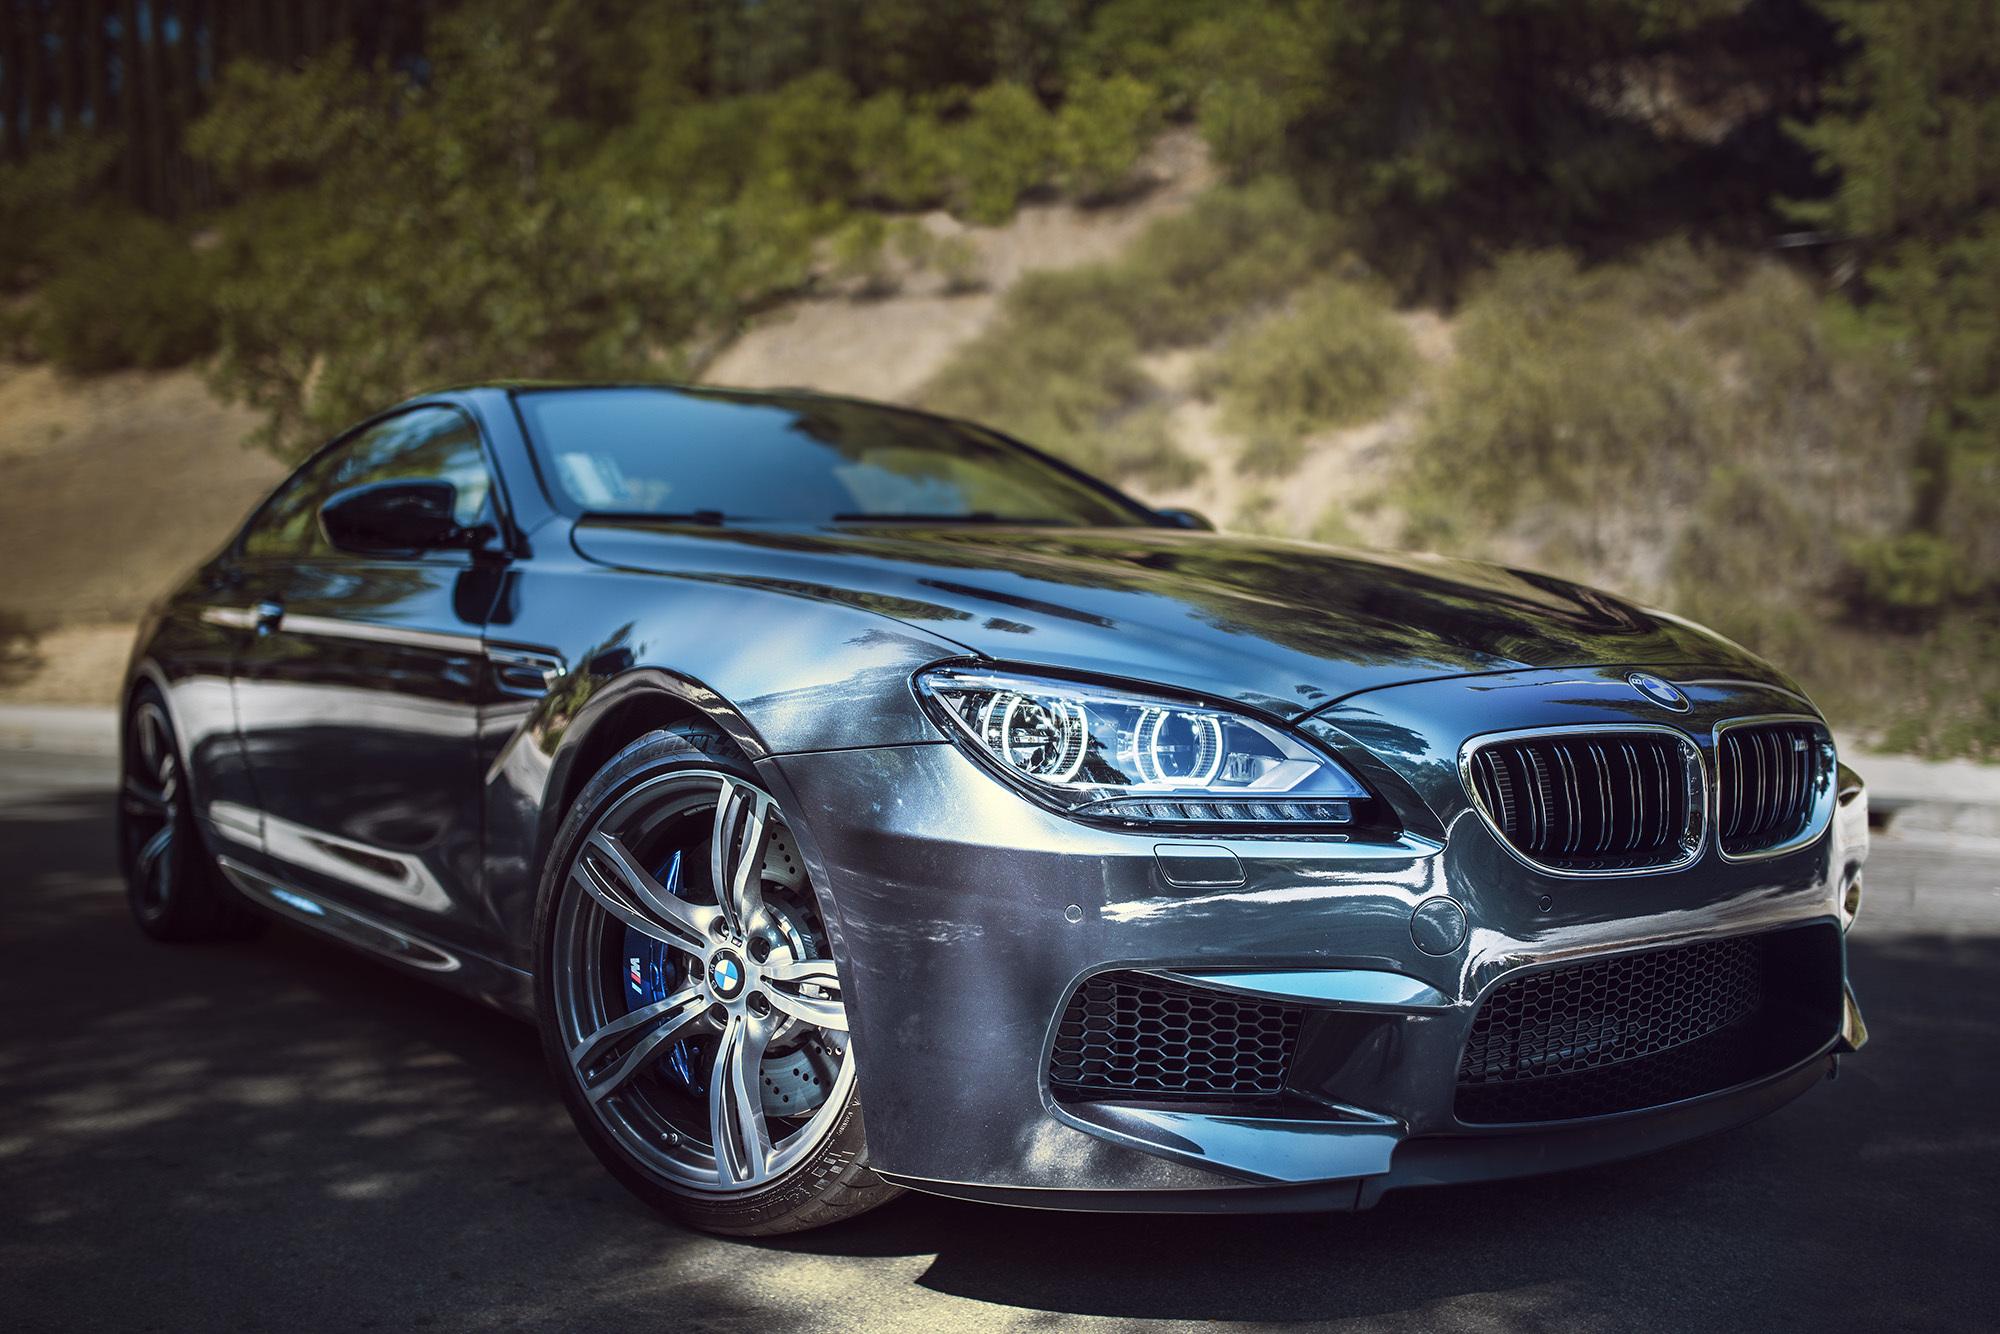 Картинка: BMW, m6, фара, бампер, диски